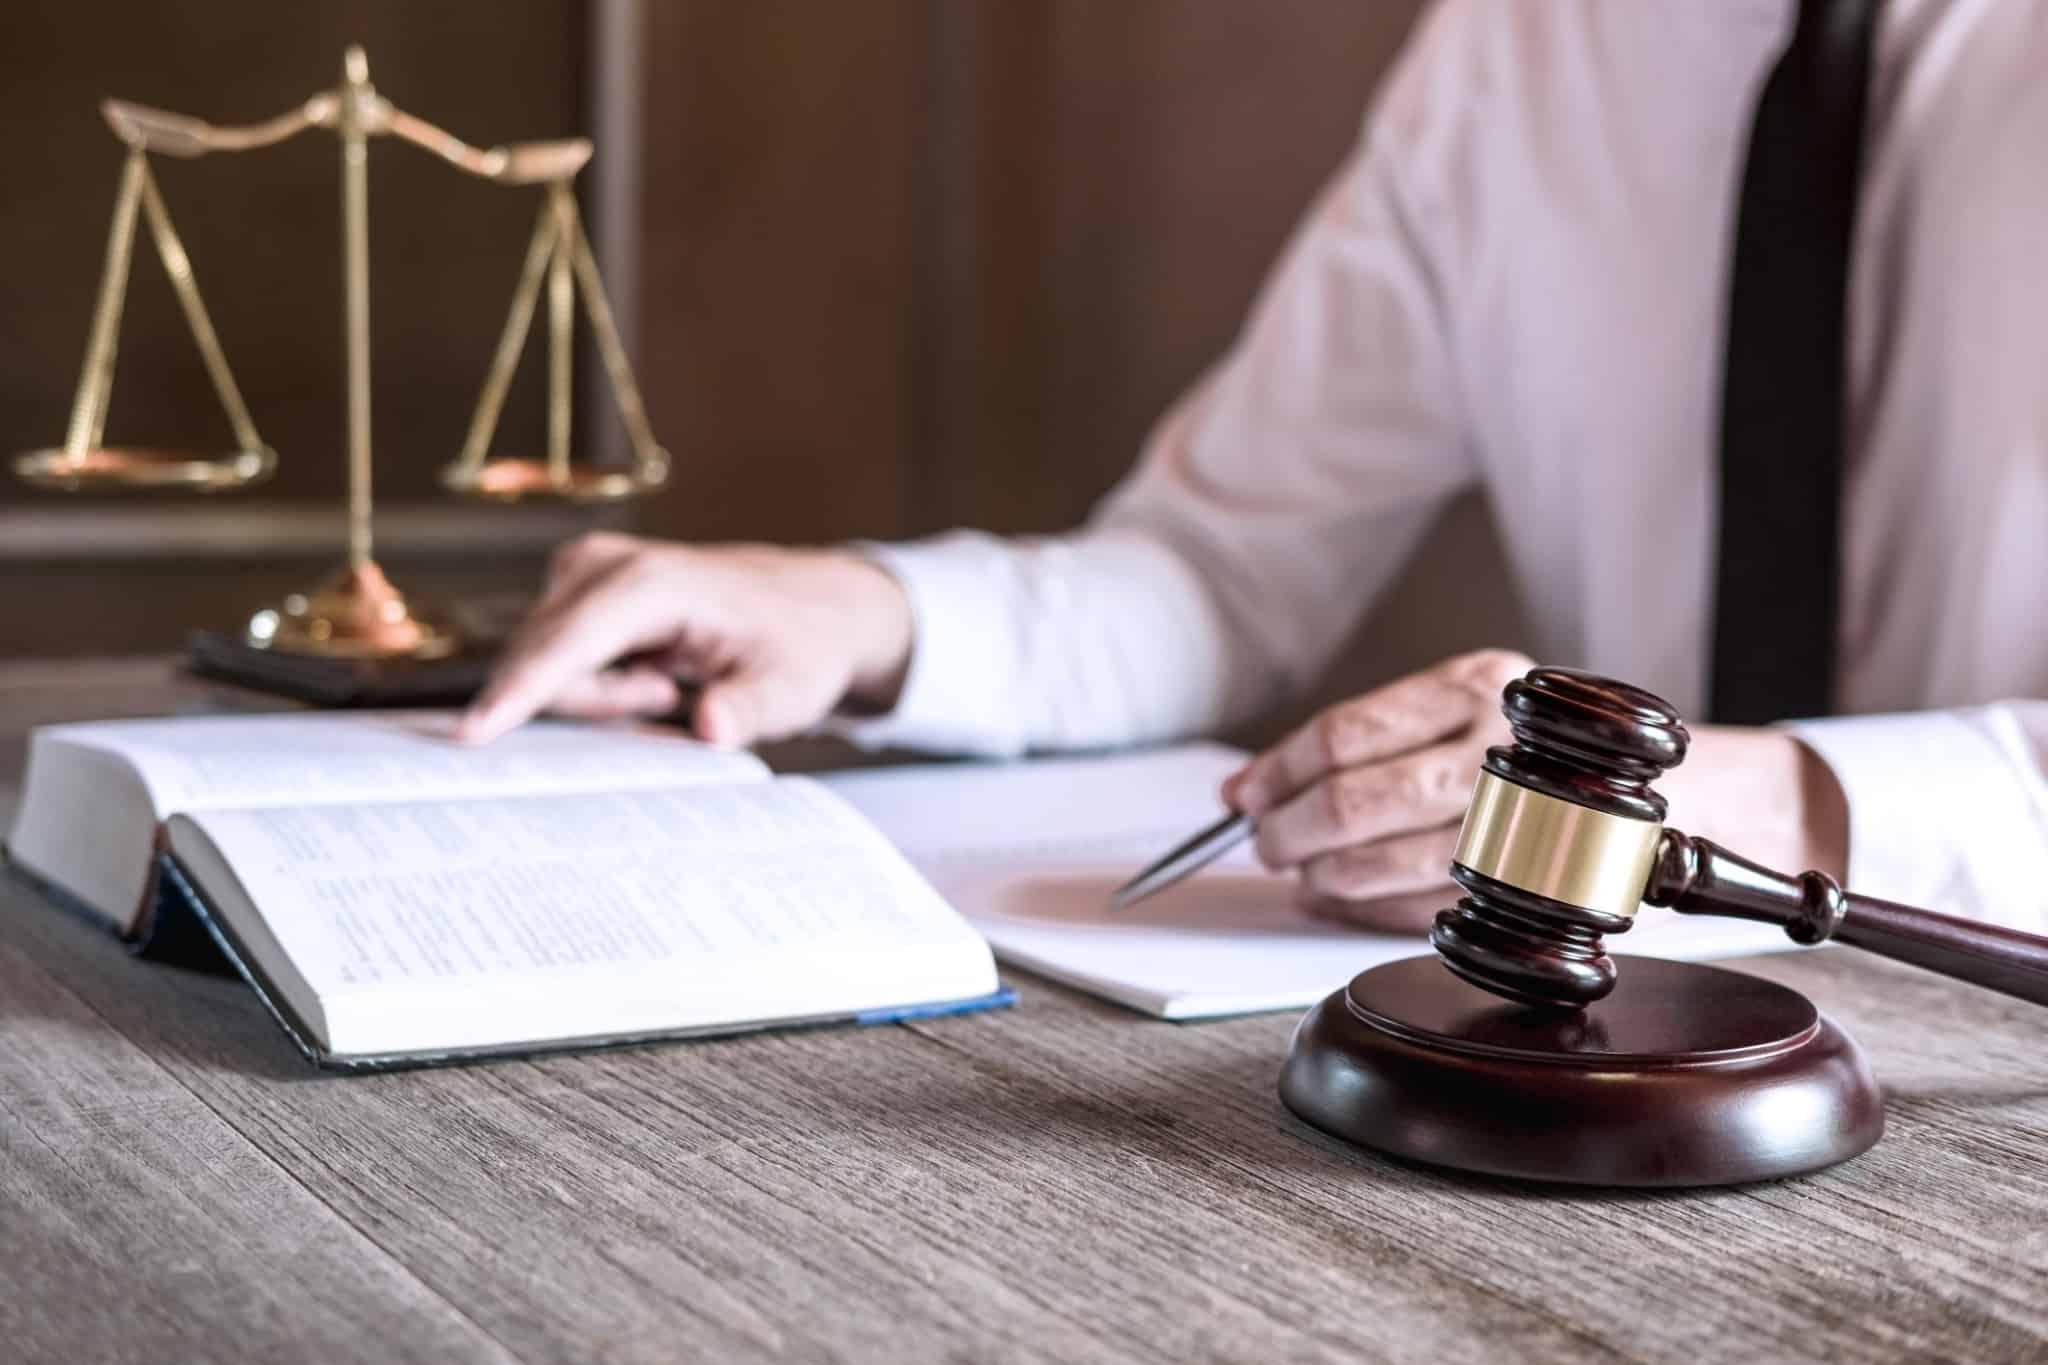 advogado a trabalhar num texto enquanto lê o código penal